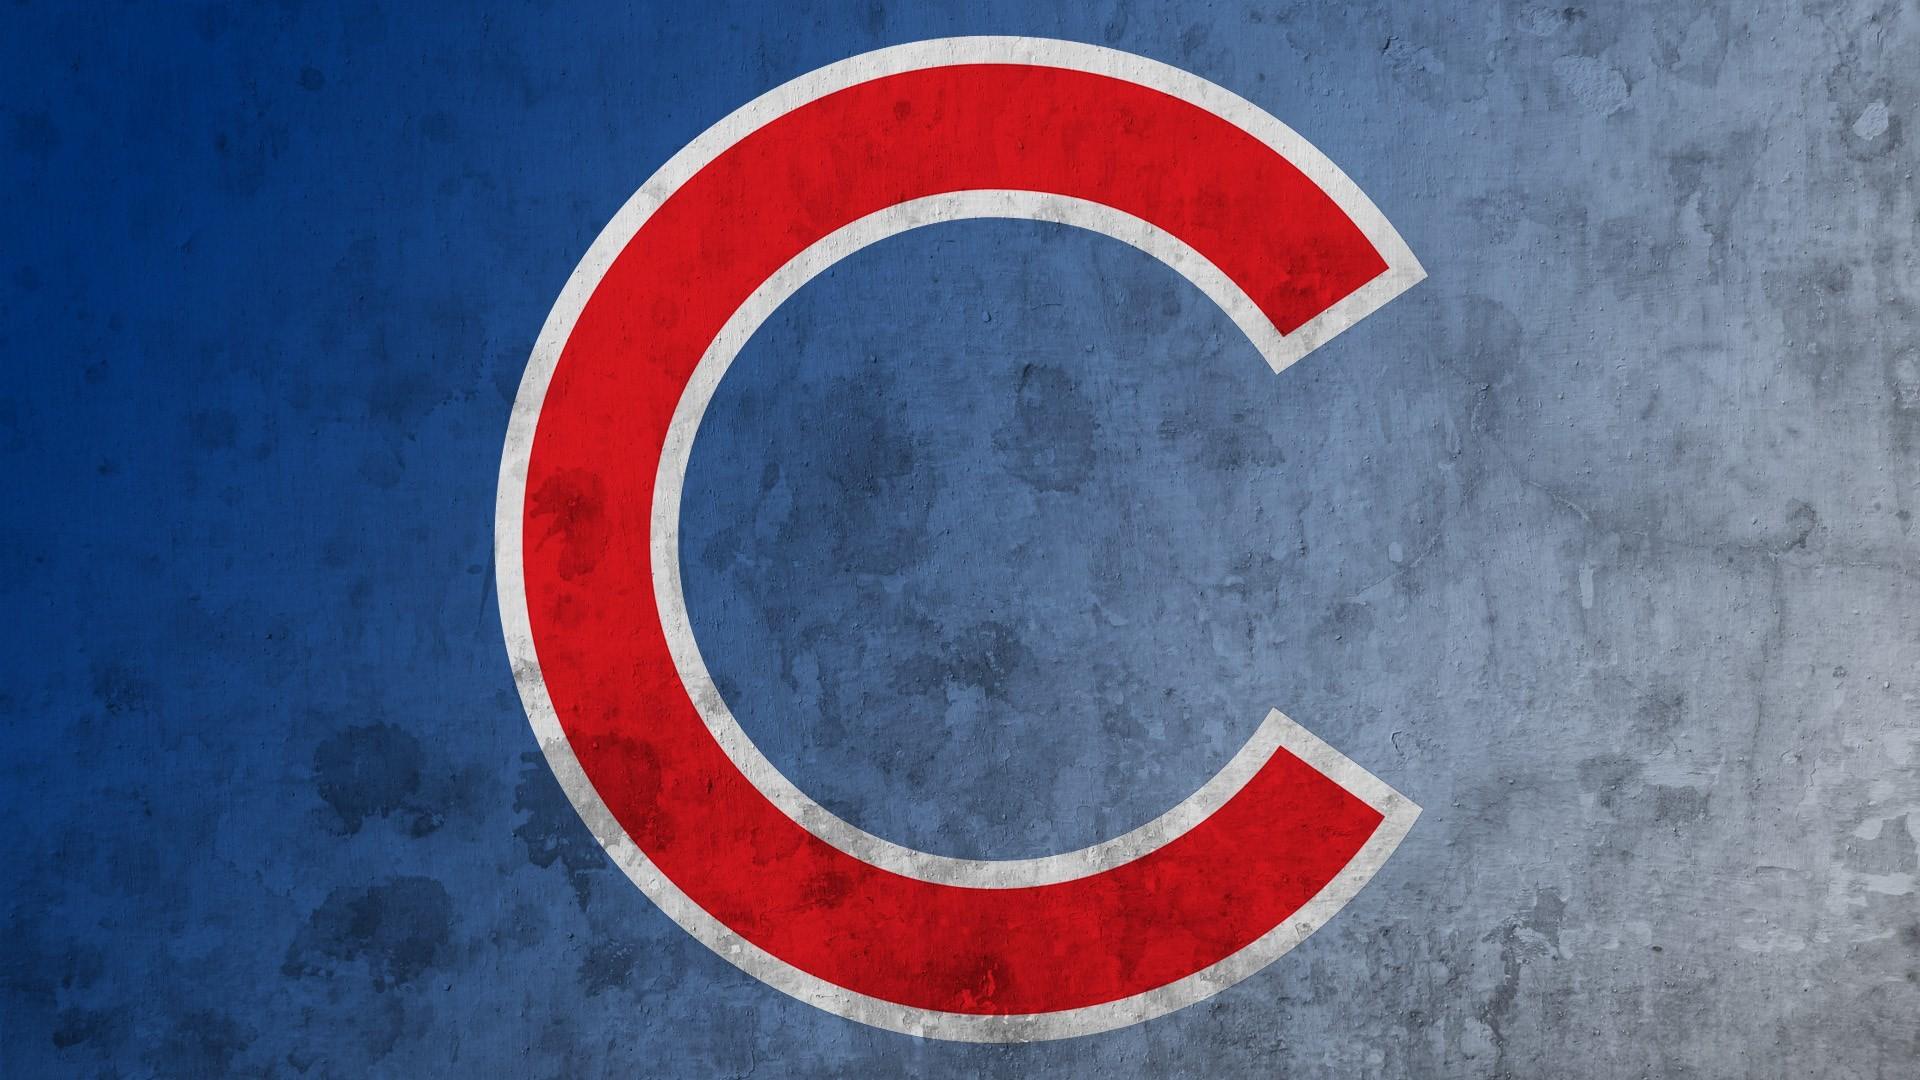 chicago cubs desktop backgrounds wallpaper, (510 kB)